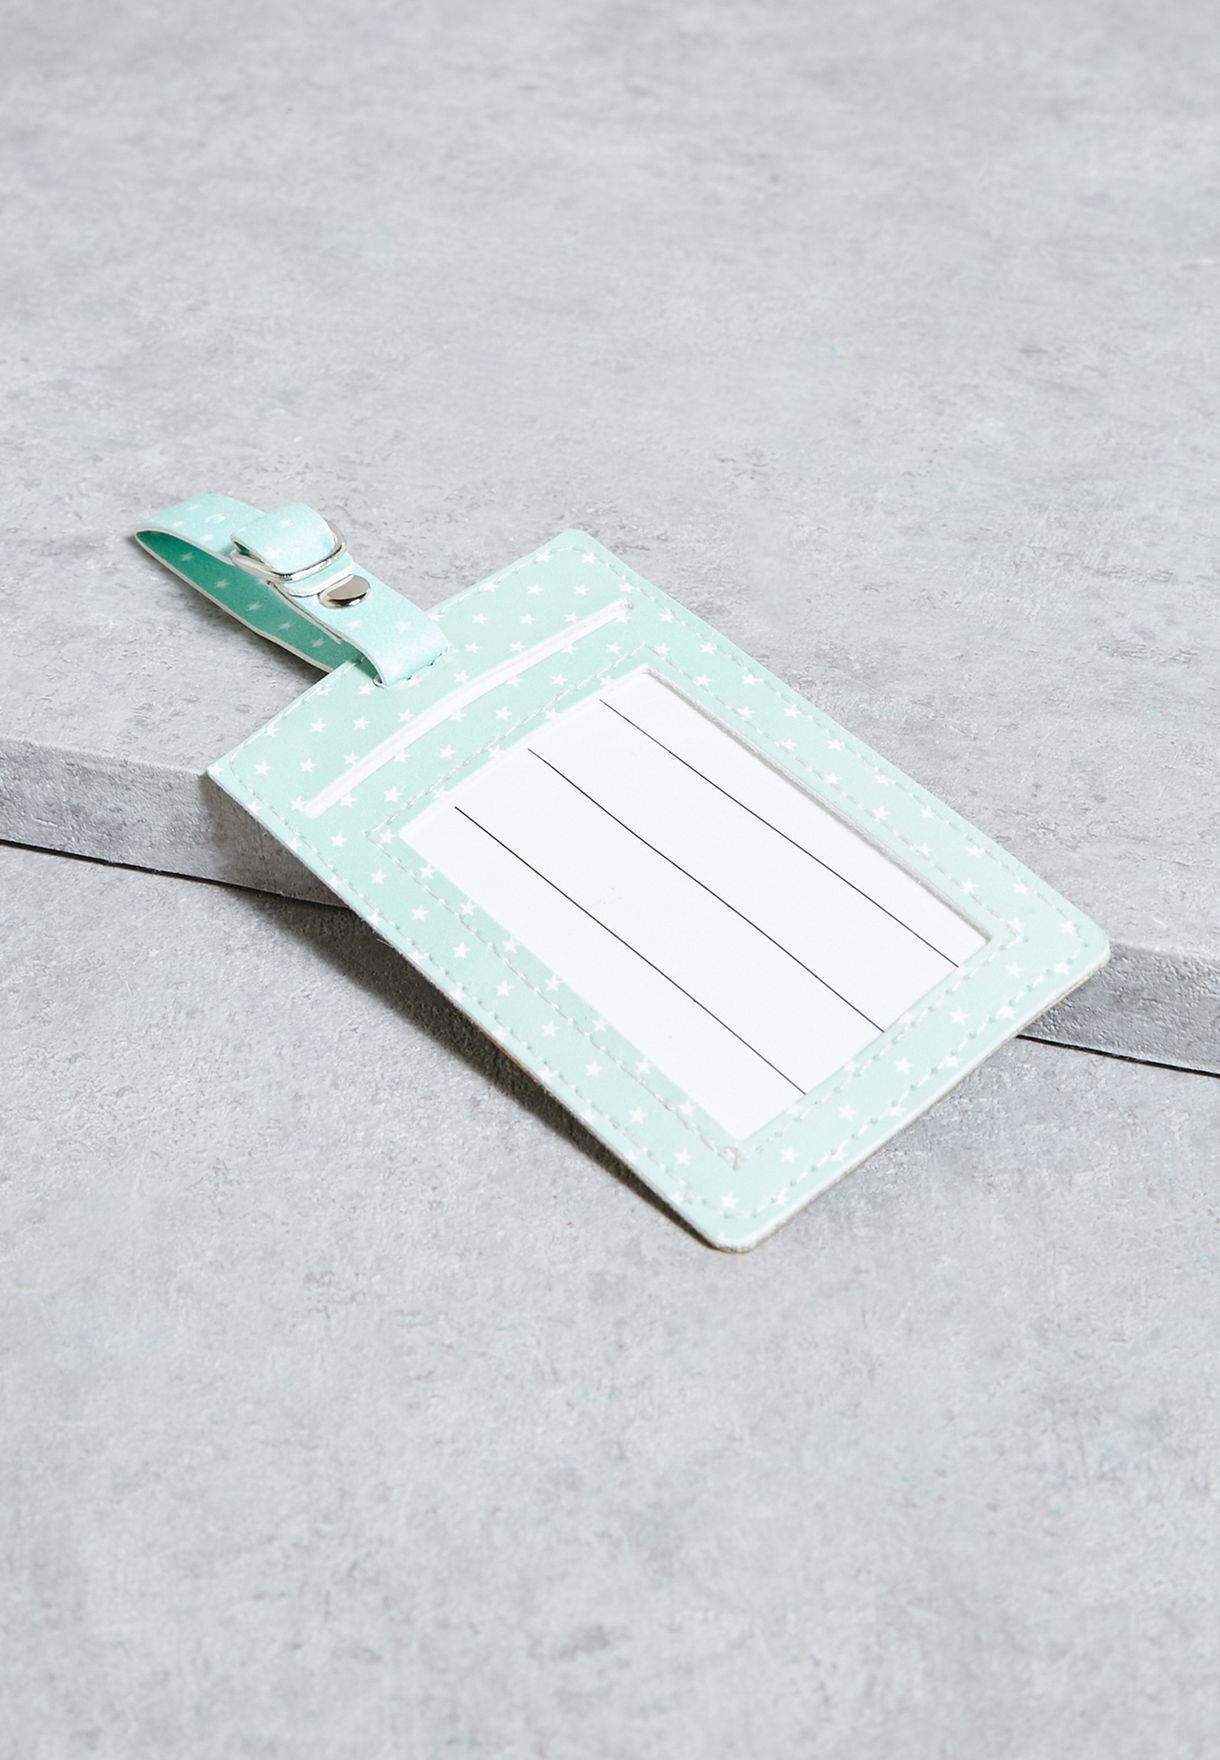 بطاقة تعريف للامتعة بطبعة